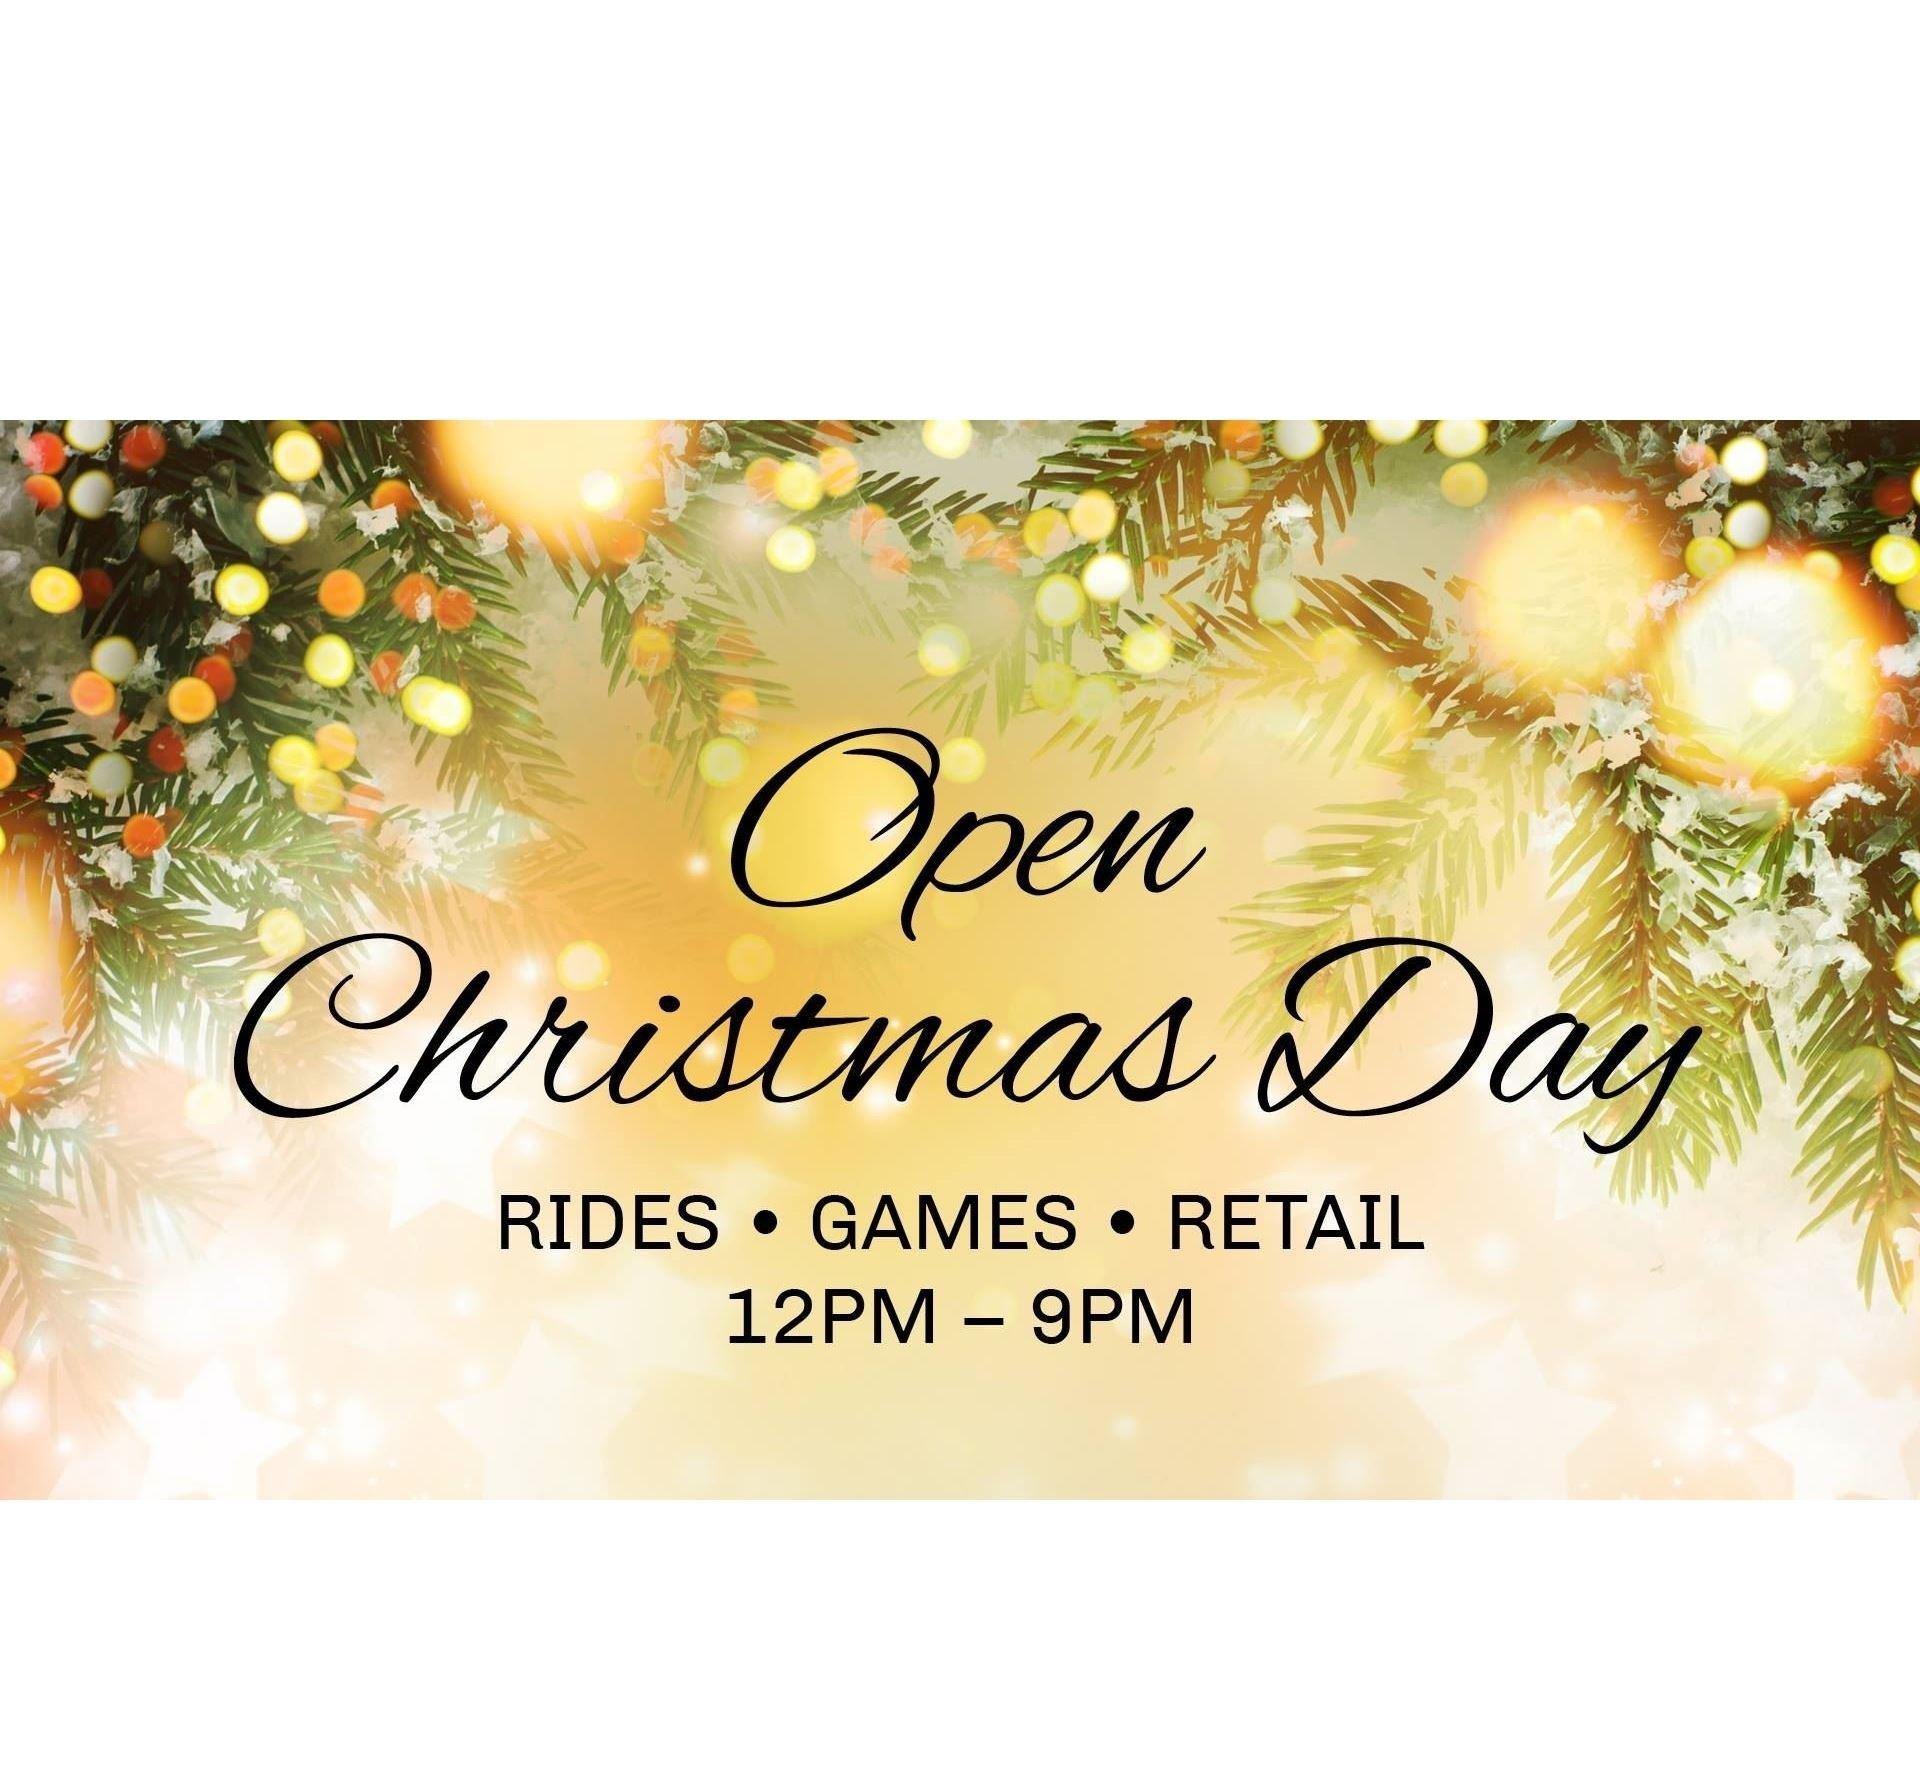 Kemah Boardwalk - OPEN Christmas Day